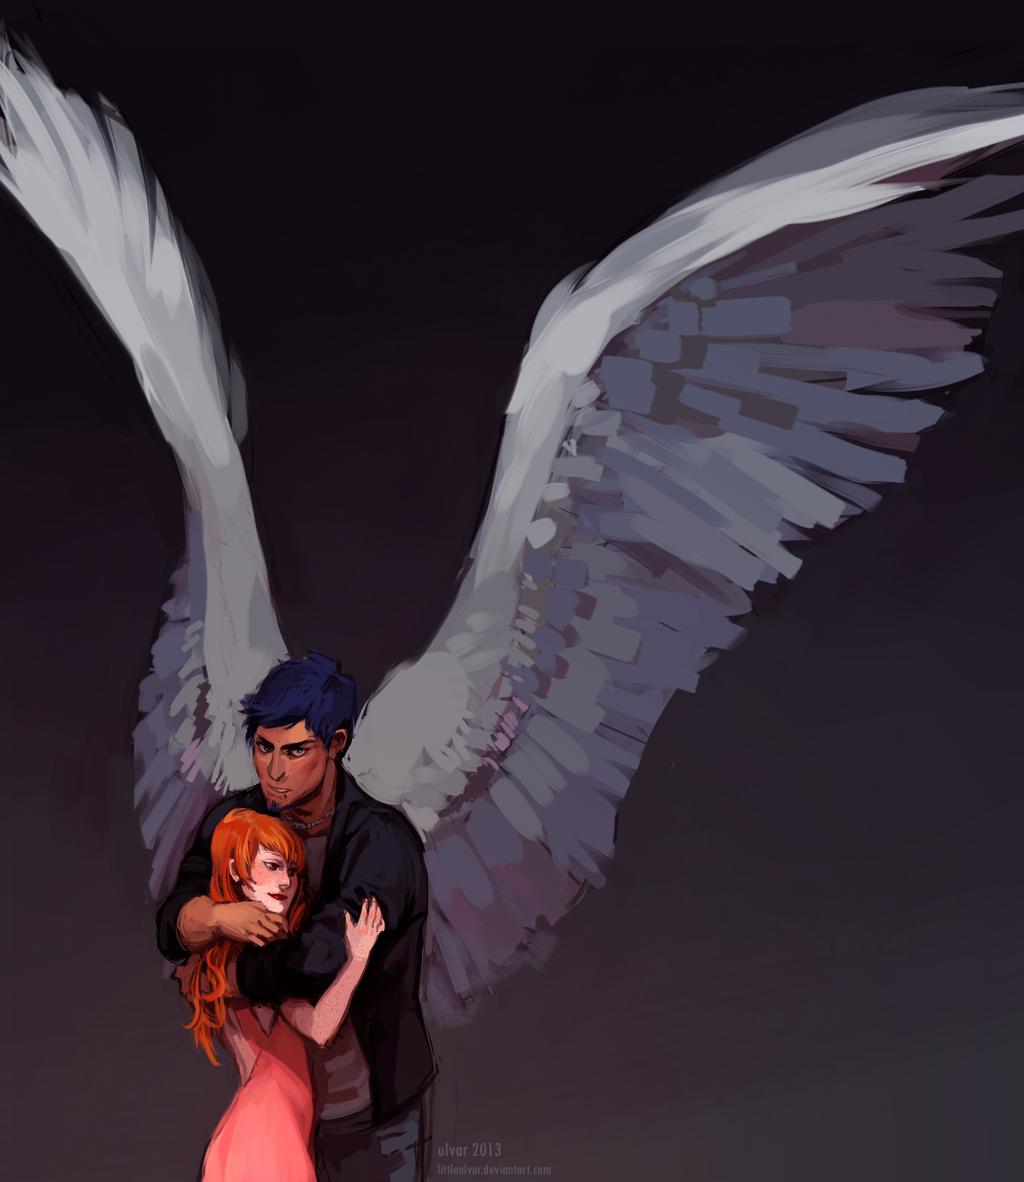 If Dune Was The One With Wings Littleulvar Diavantart Com Anjos E Demonios Anjos Desenho